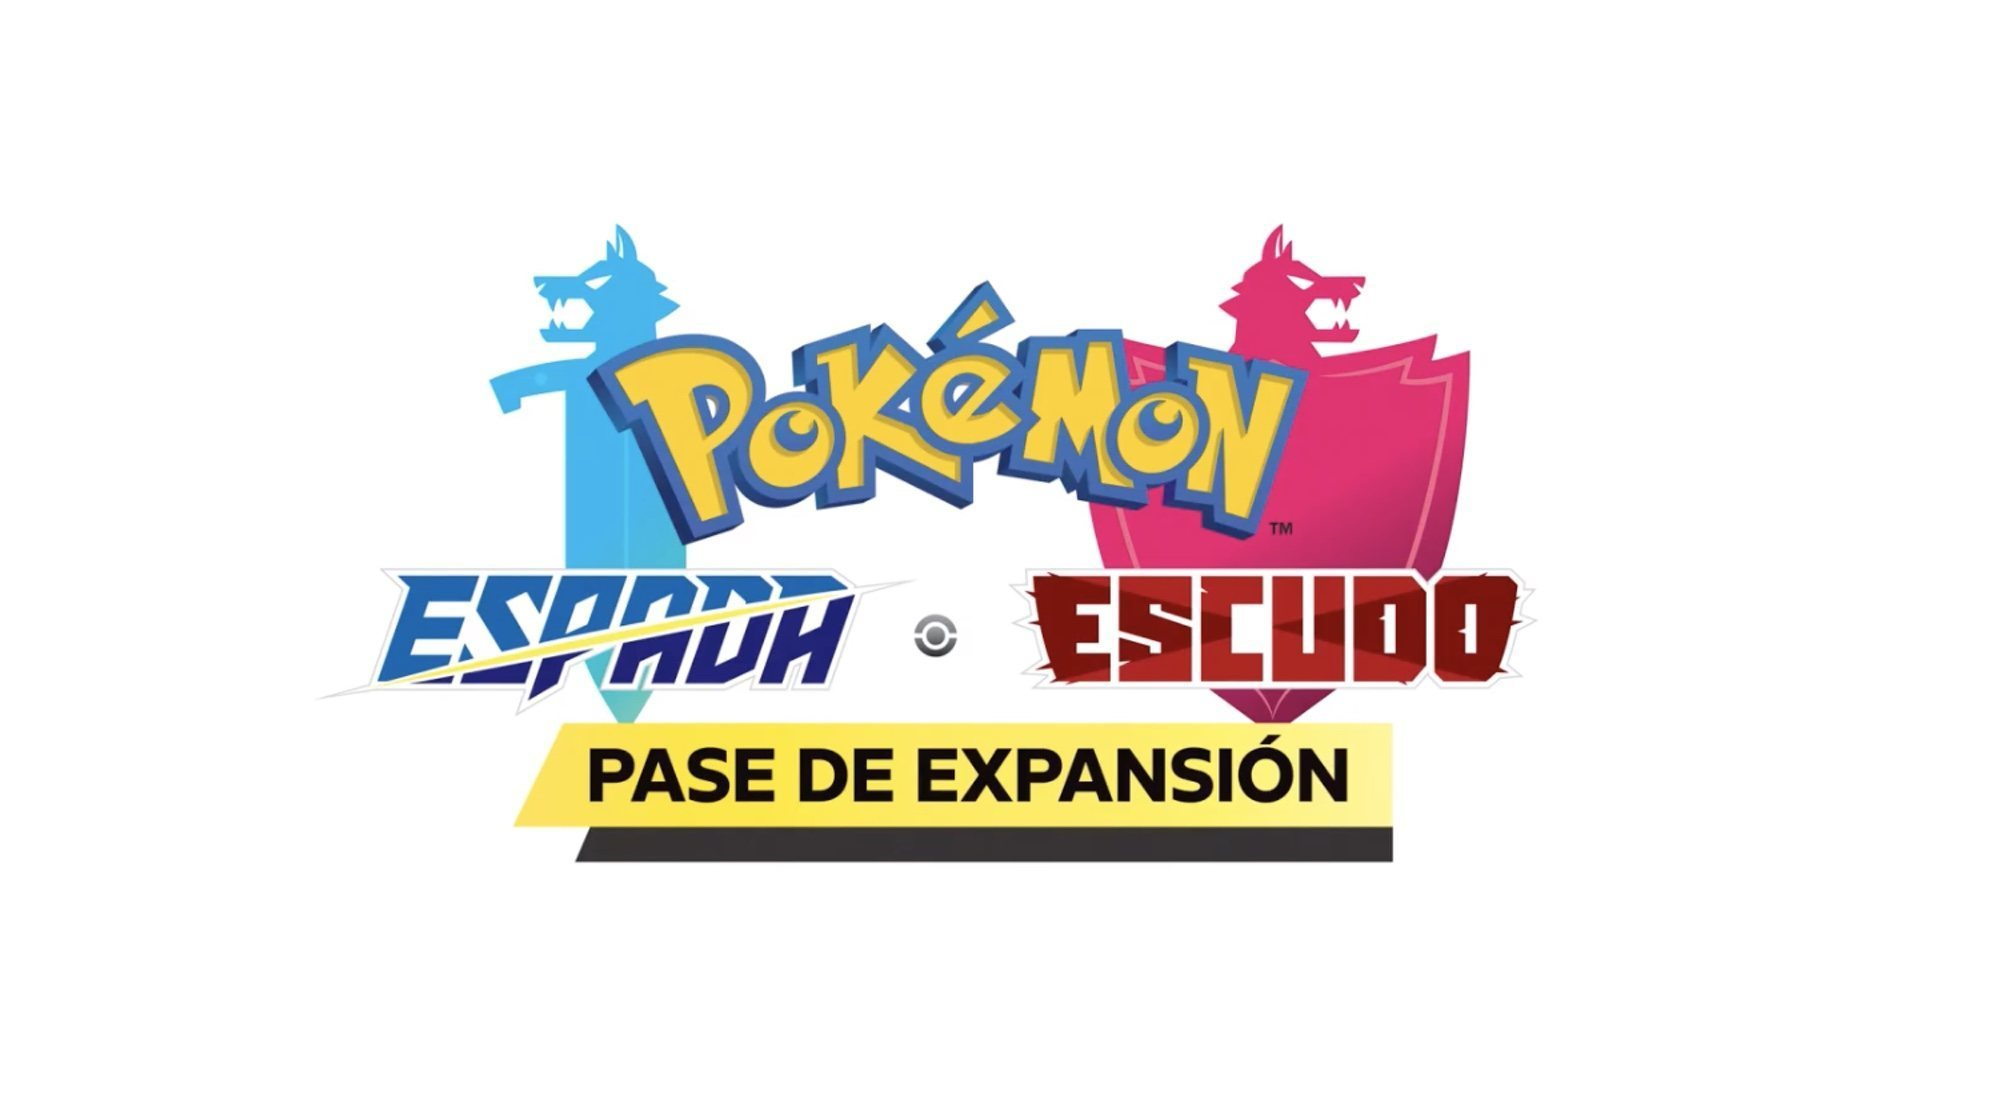 Pase de Expansión de 'Pokémon Espada' y 'Pokémon Escudo': características y precio